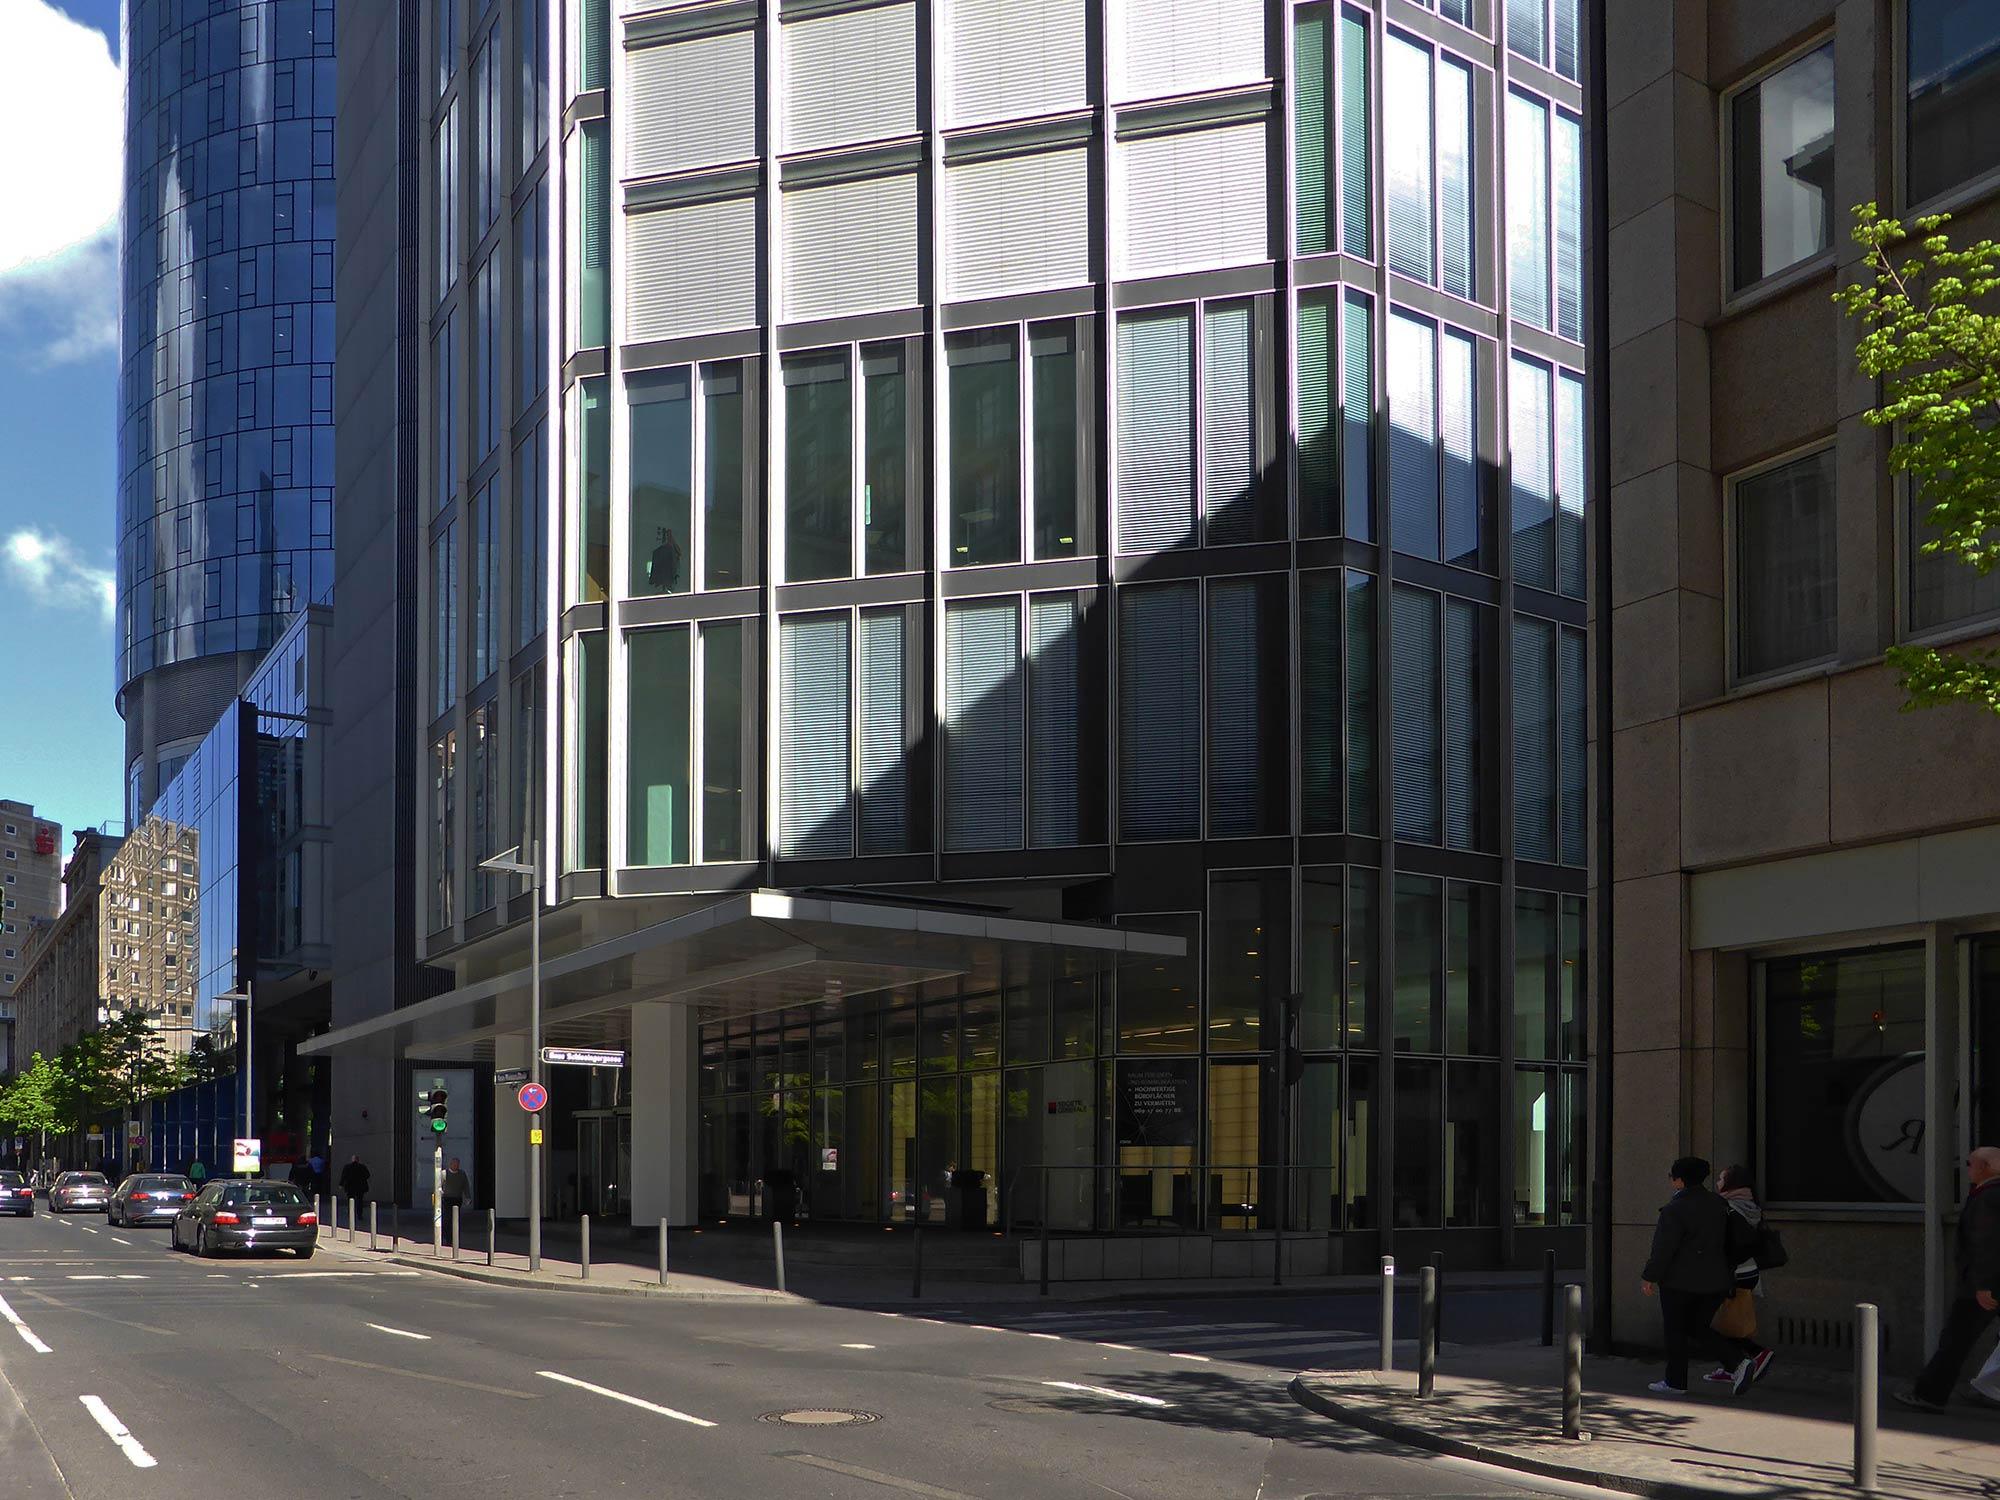 Garden Tower Neue Mainzer Strasse in Frankfurt am Main - Eingangsbereich und Umgebung